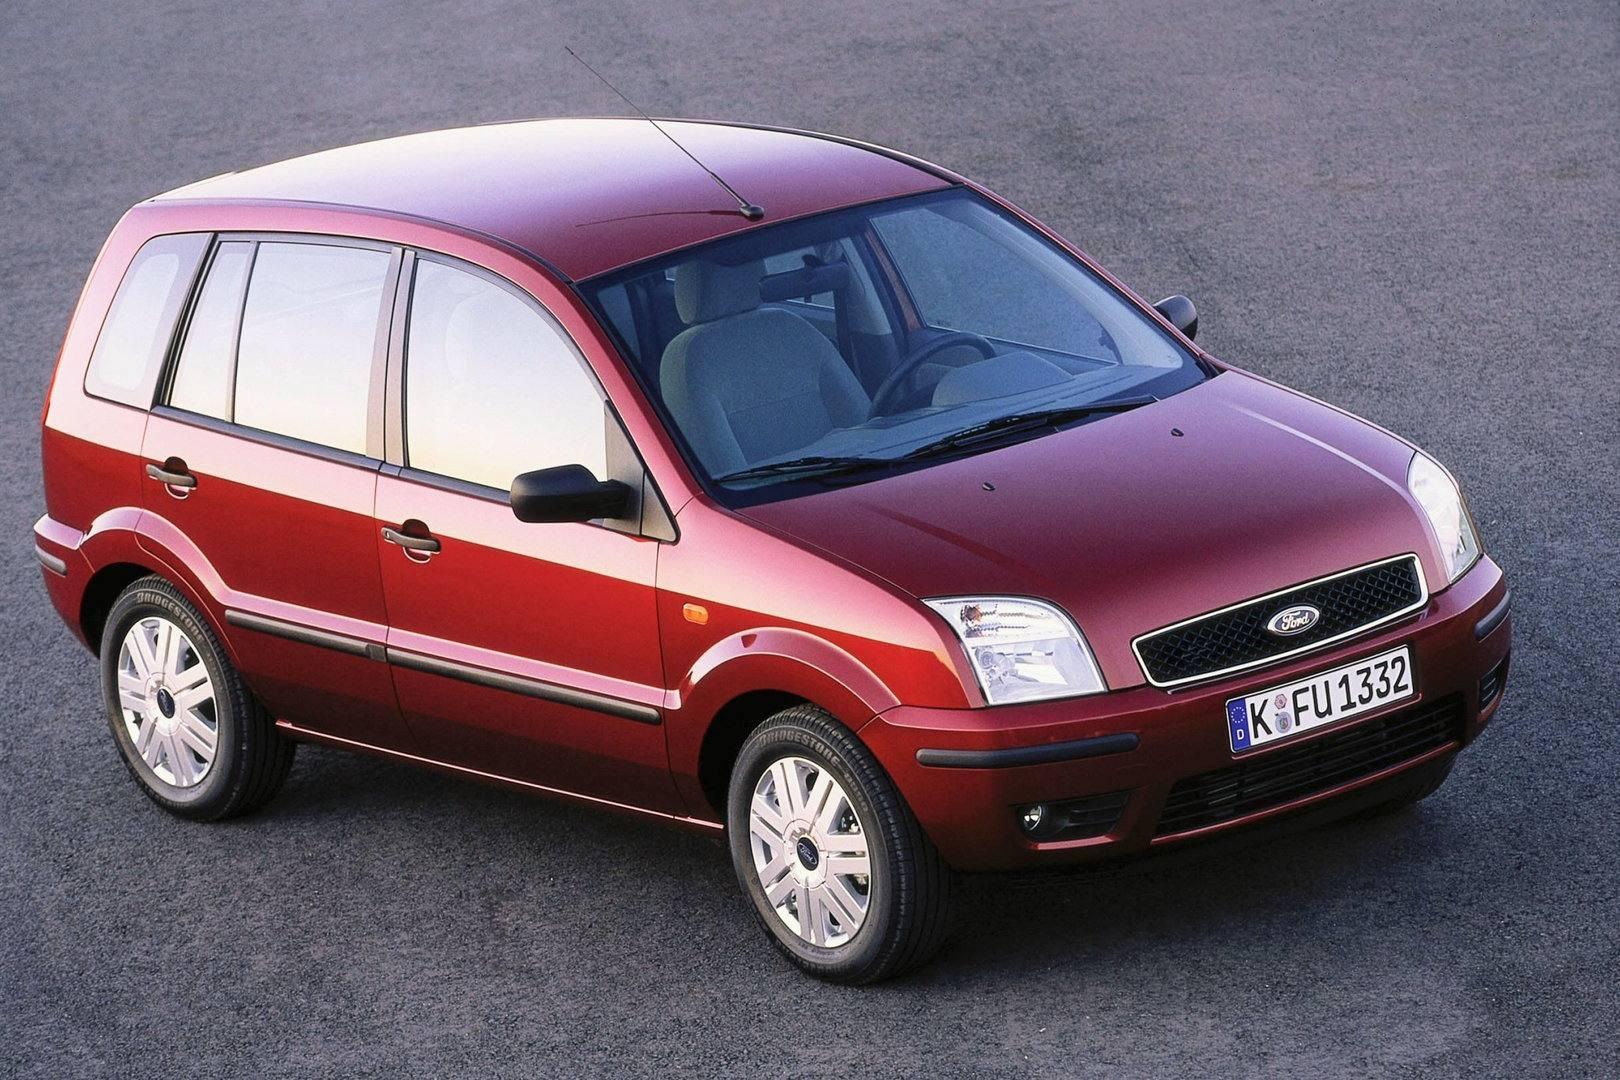 Coche del día: Ford Fusion